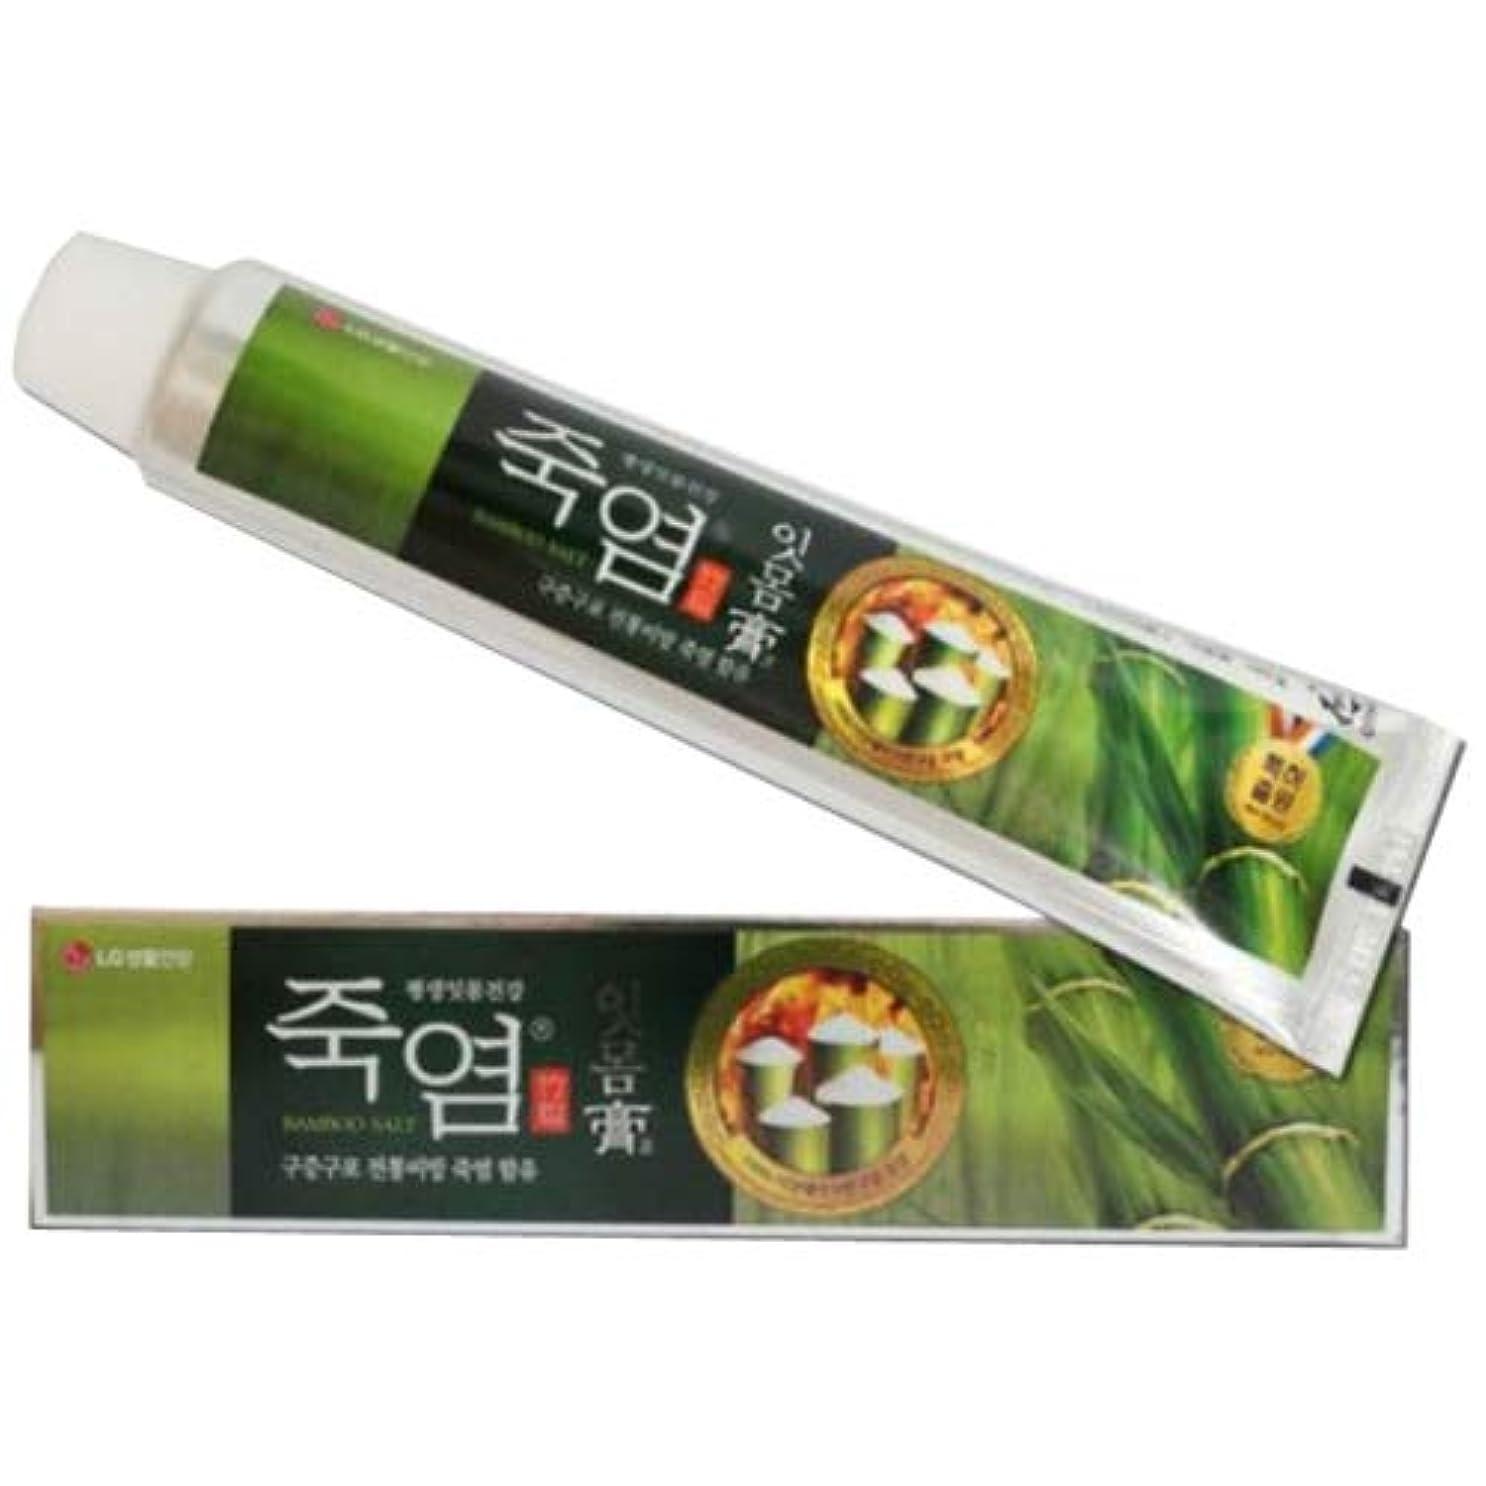 雨労苦であるLG生活健康 竹塩歯磨き粉 (歯康膏:ウンガンゴ)(120gx3個) 歯肉炎の予防 歯茎の出血予防